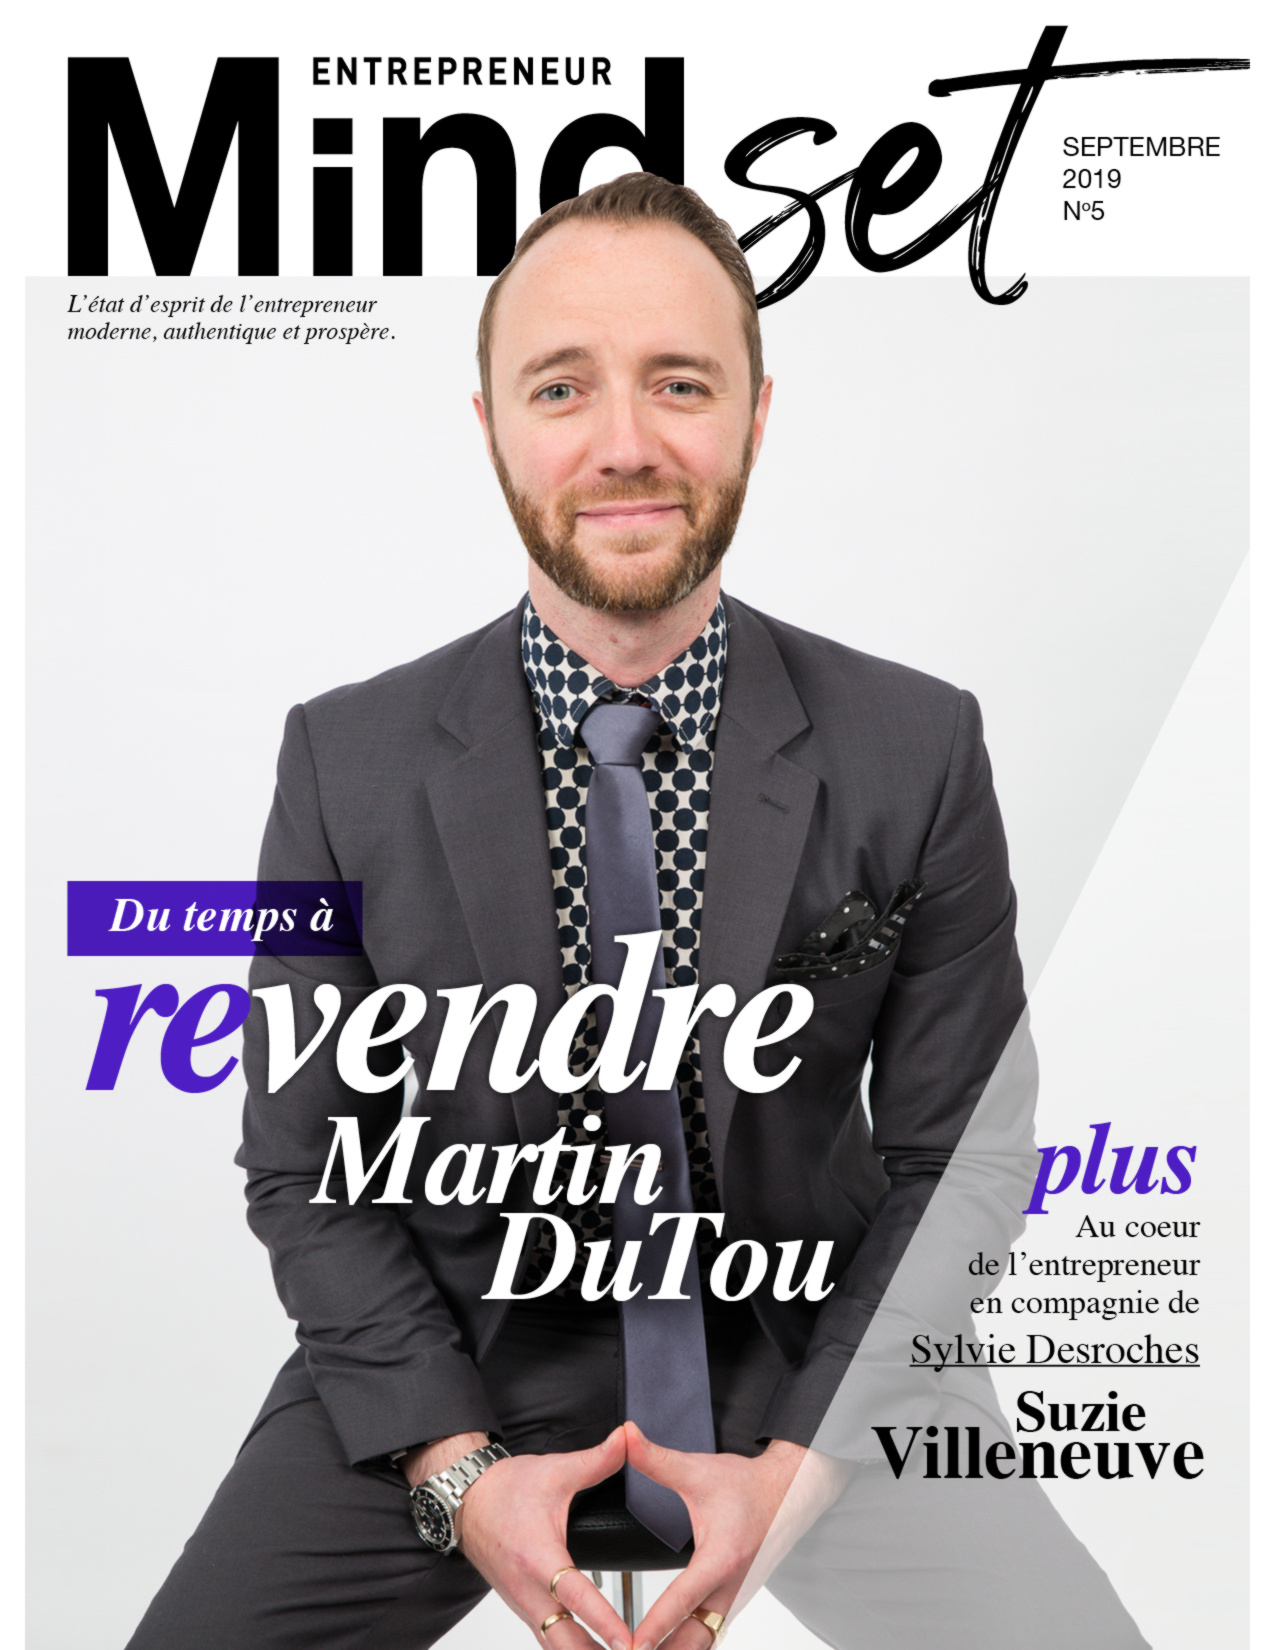 Martin DuTou Mindset entrepreneur magazine